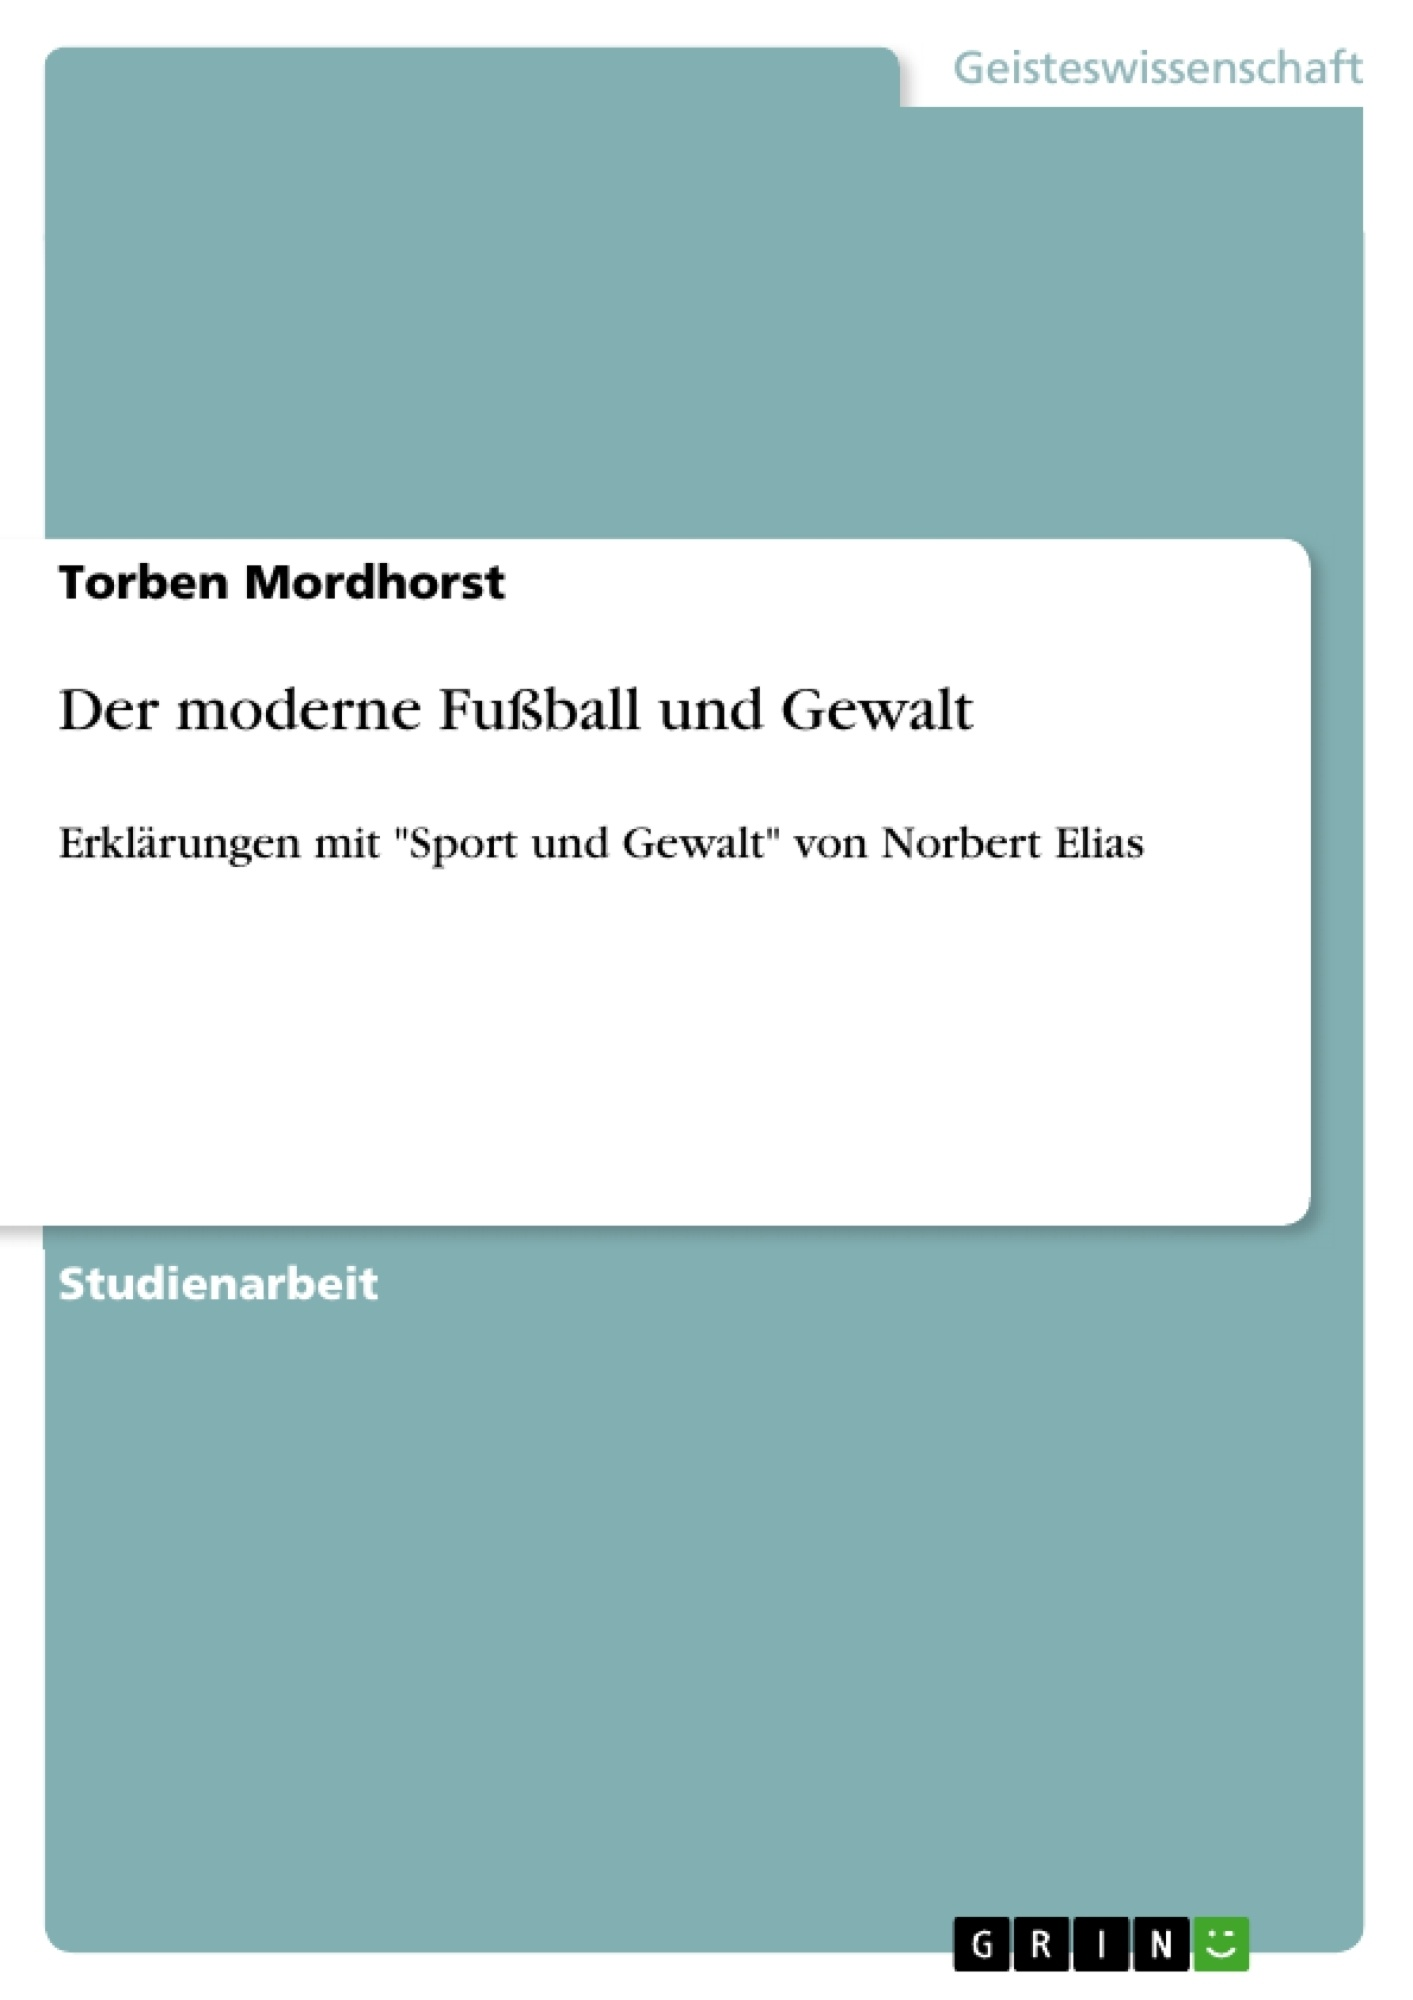 Titel: Der moderne Fußball und Gewalt